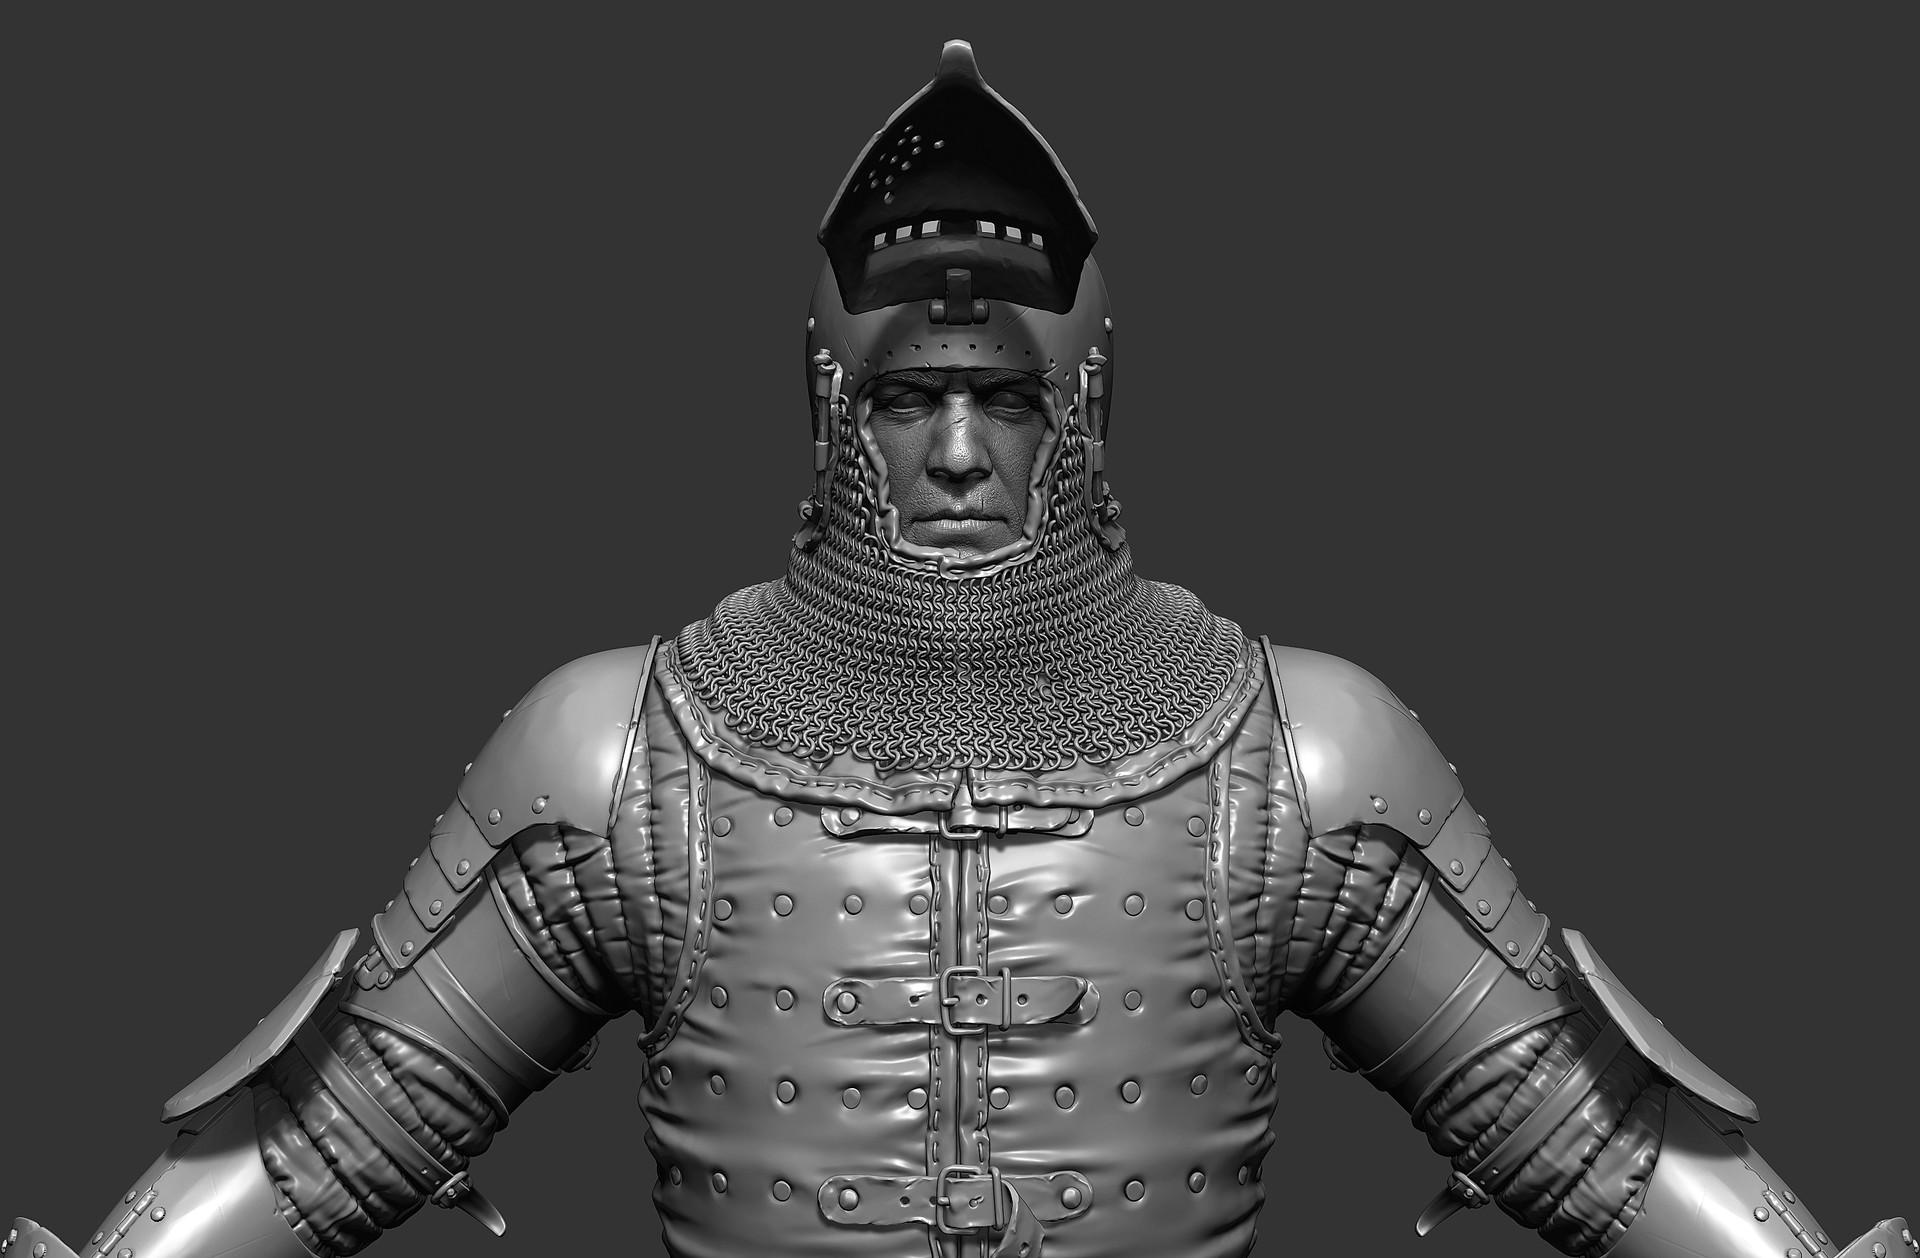 Petr sokolov artpity knight tpose close